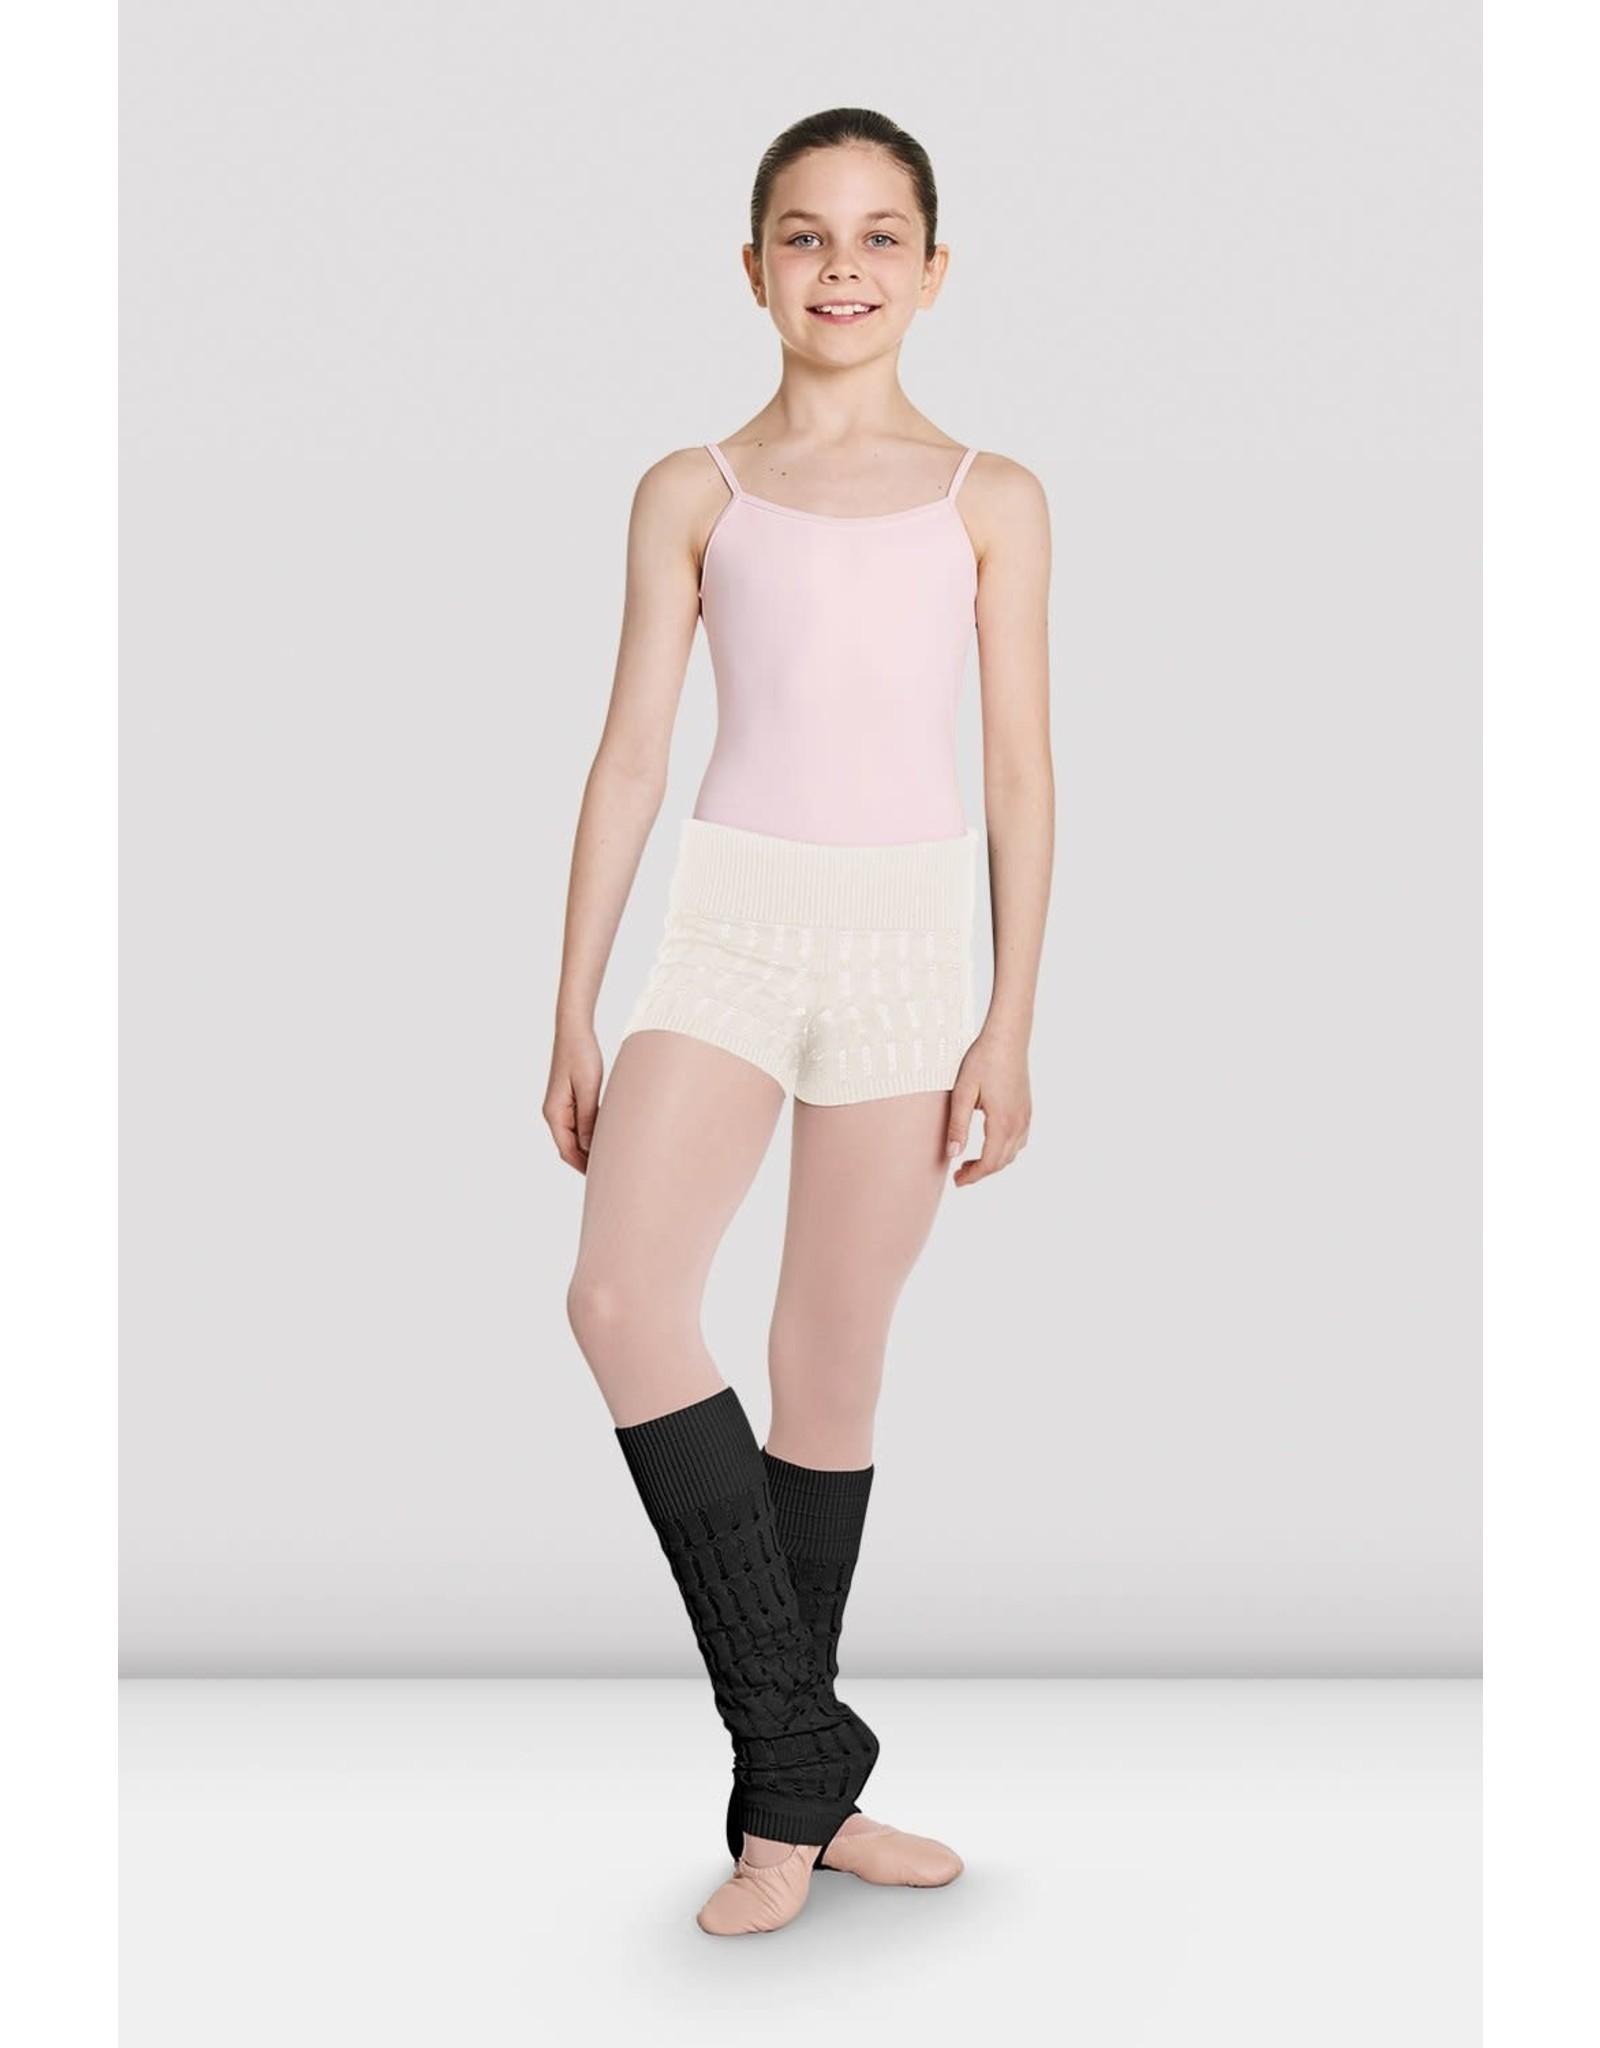 Bloch / Mirella Knitted Leg Warmers (CW5530)